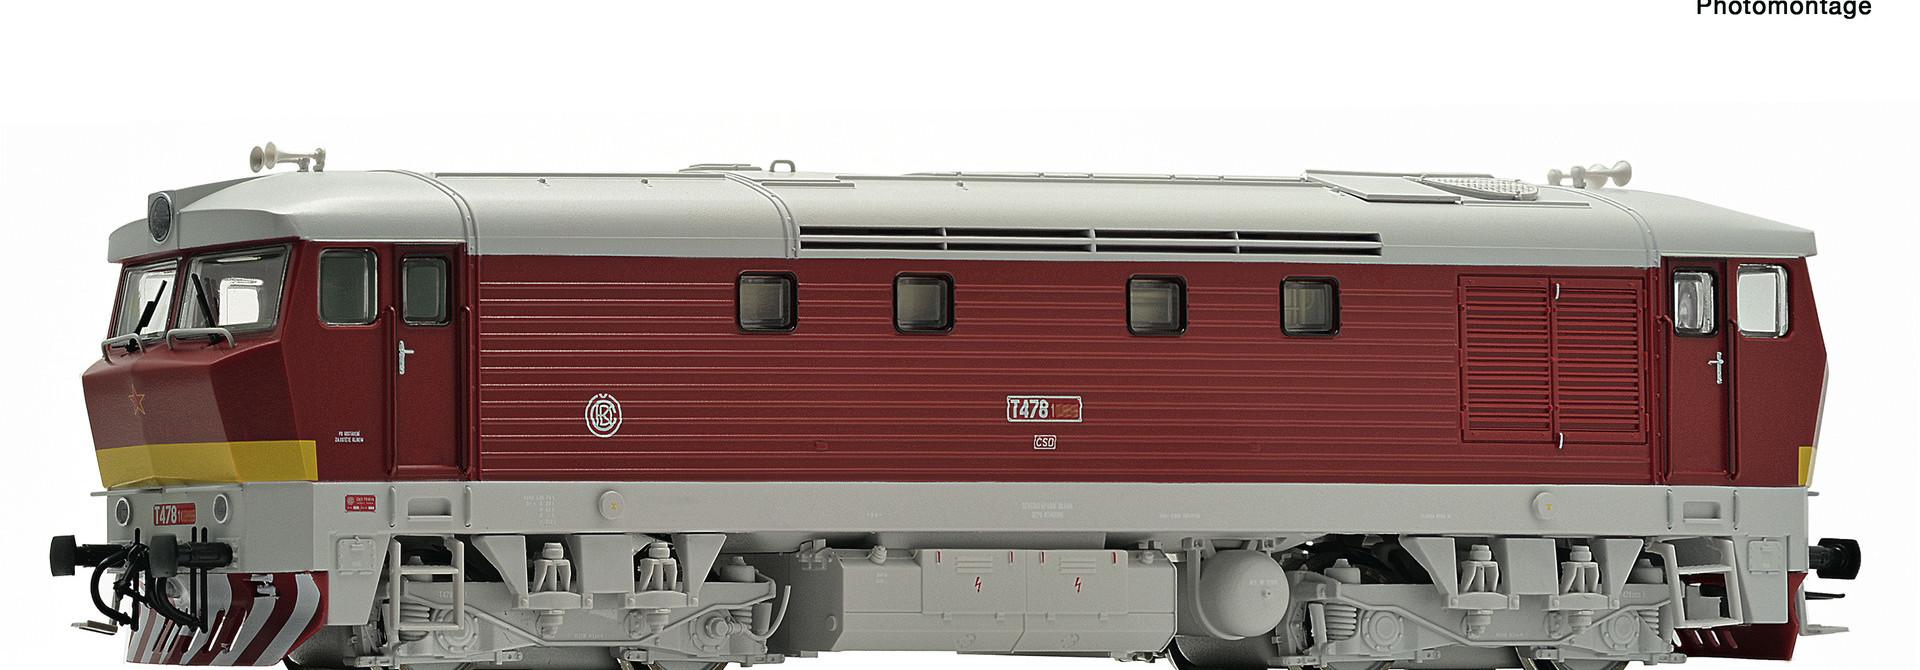 70921 Diesellok T478.1 CSD Snd.